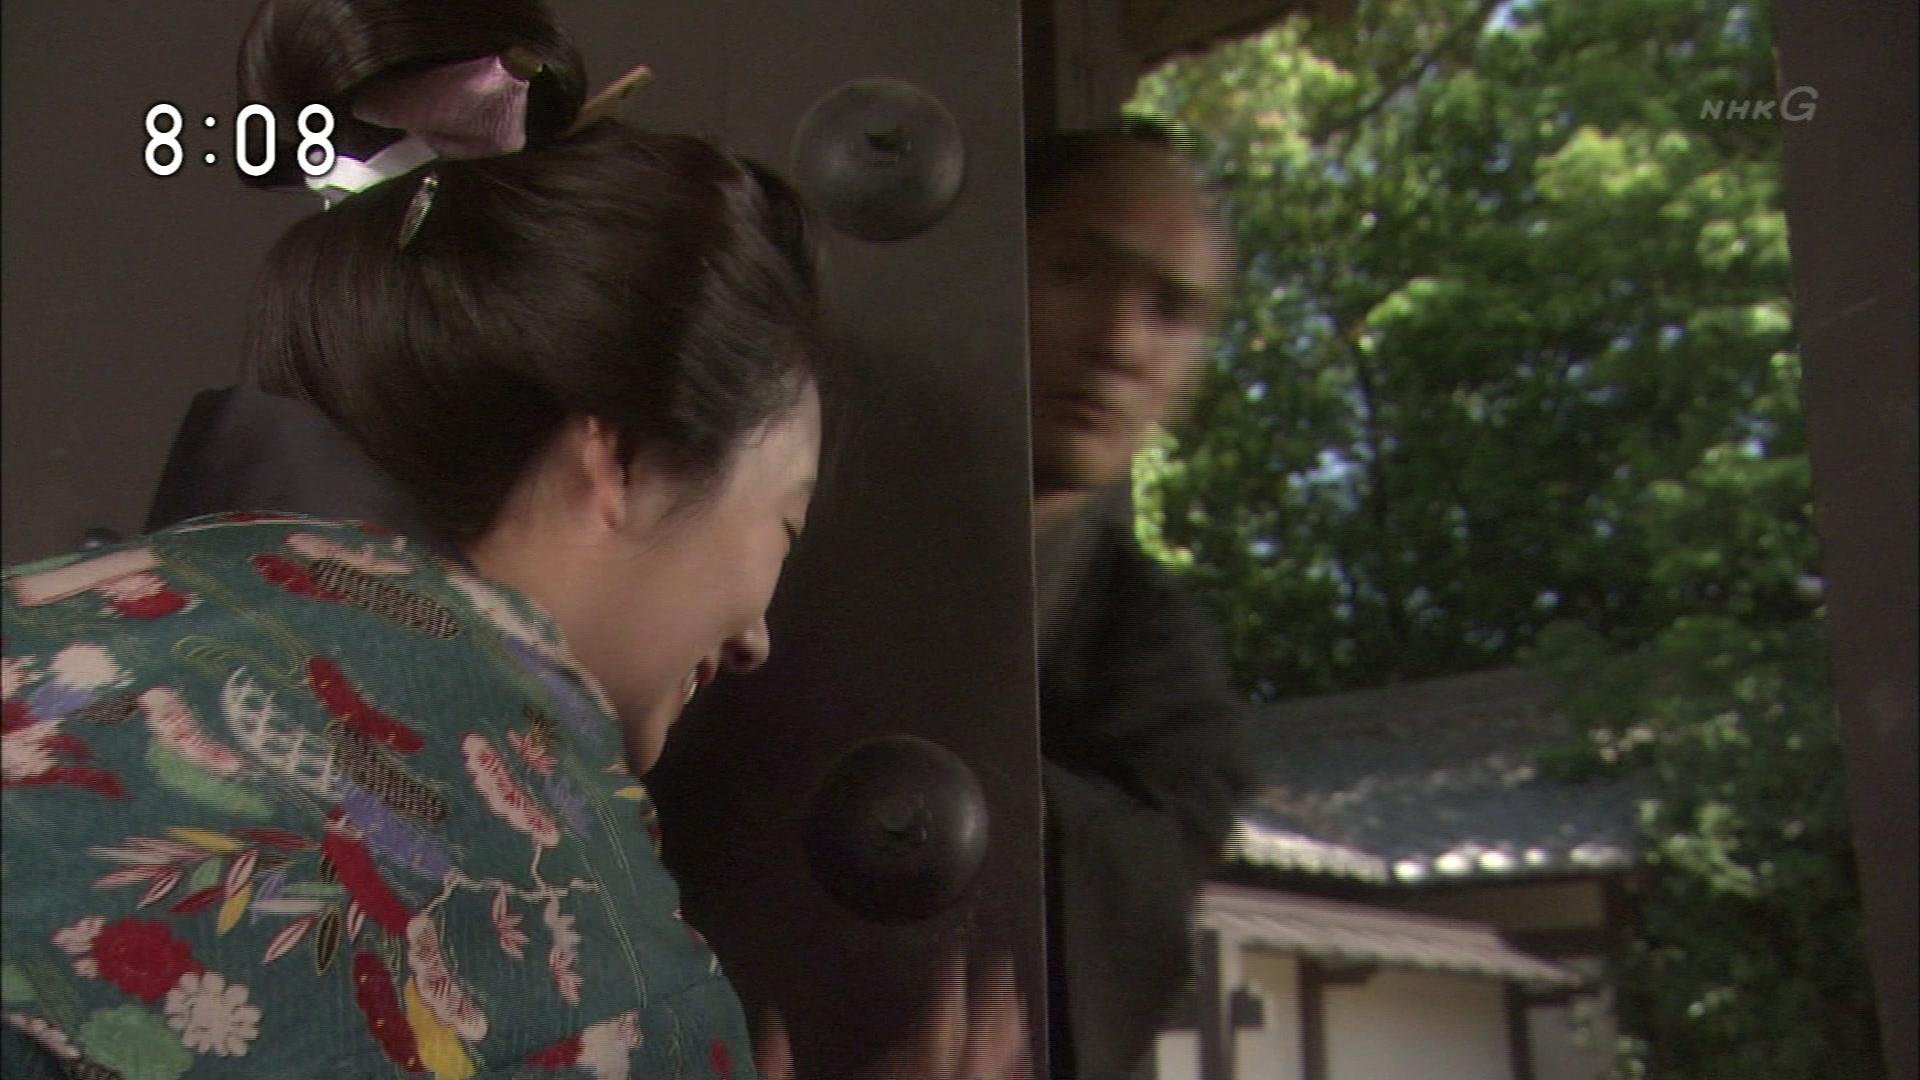 2015-10-20 08:00 連続テレビ小説 あさが来た(20)「若奥さんの底力」 1602